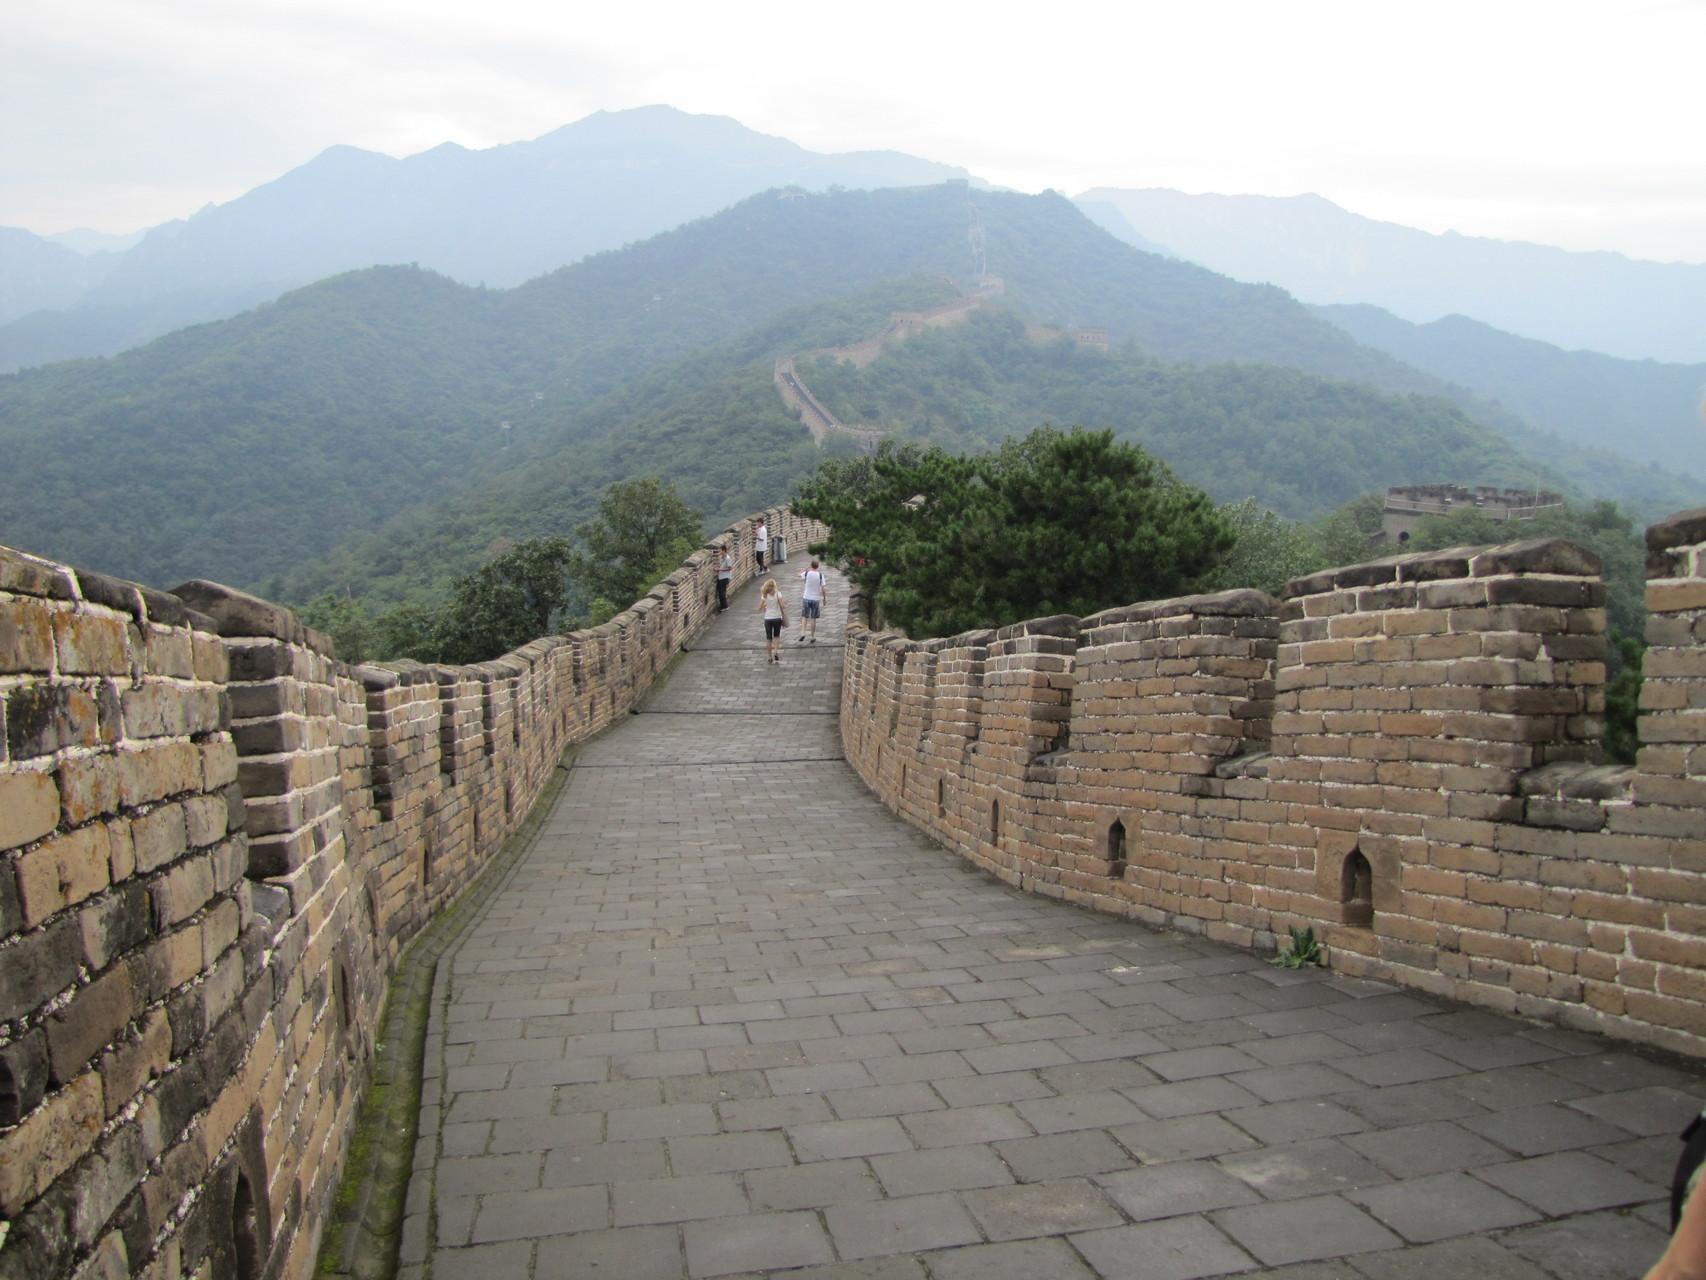 Eén van de 7 wereldwonderen, de Chinese muur in China.